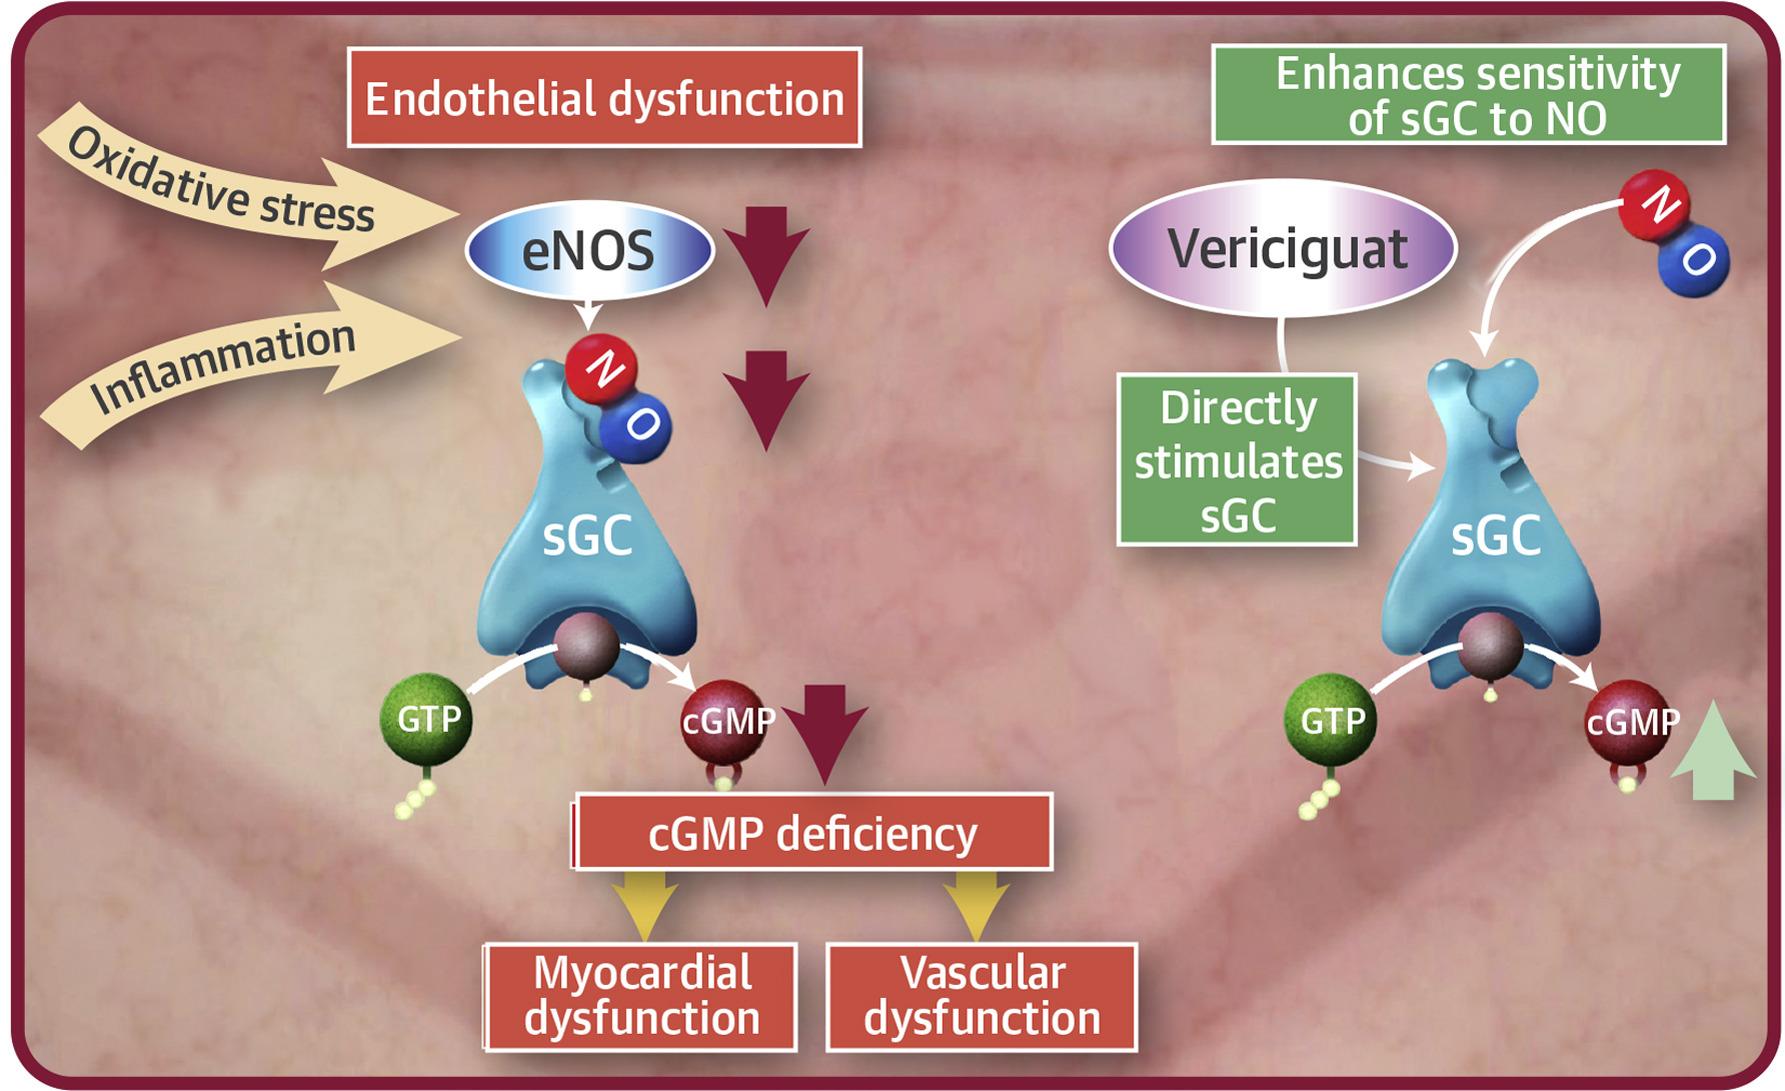 vericiguat moa - Верицигуат: предполагаемая новая терапия хронической сердечной недостаточности